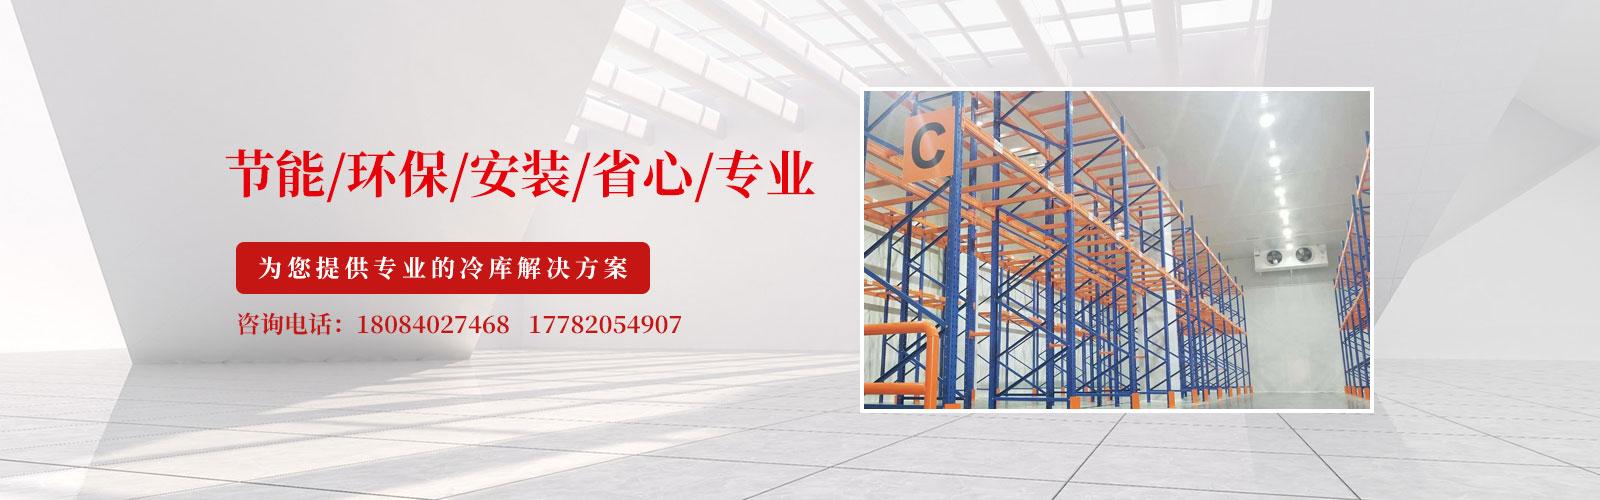 贵州冷冻库设计